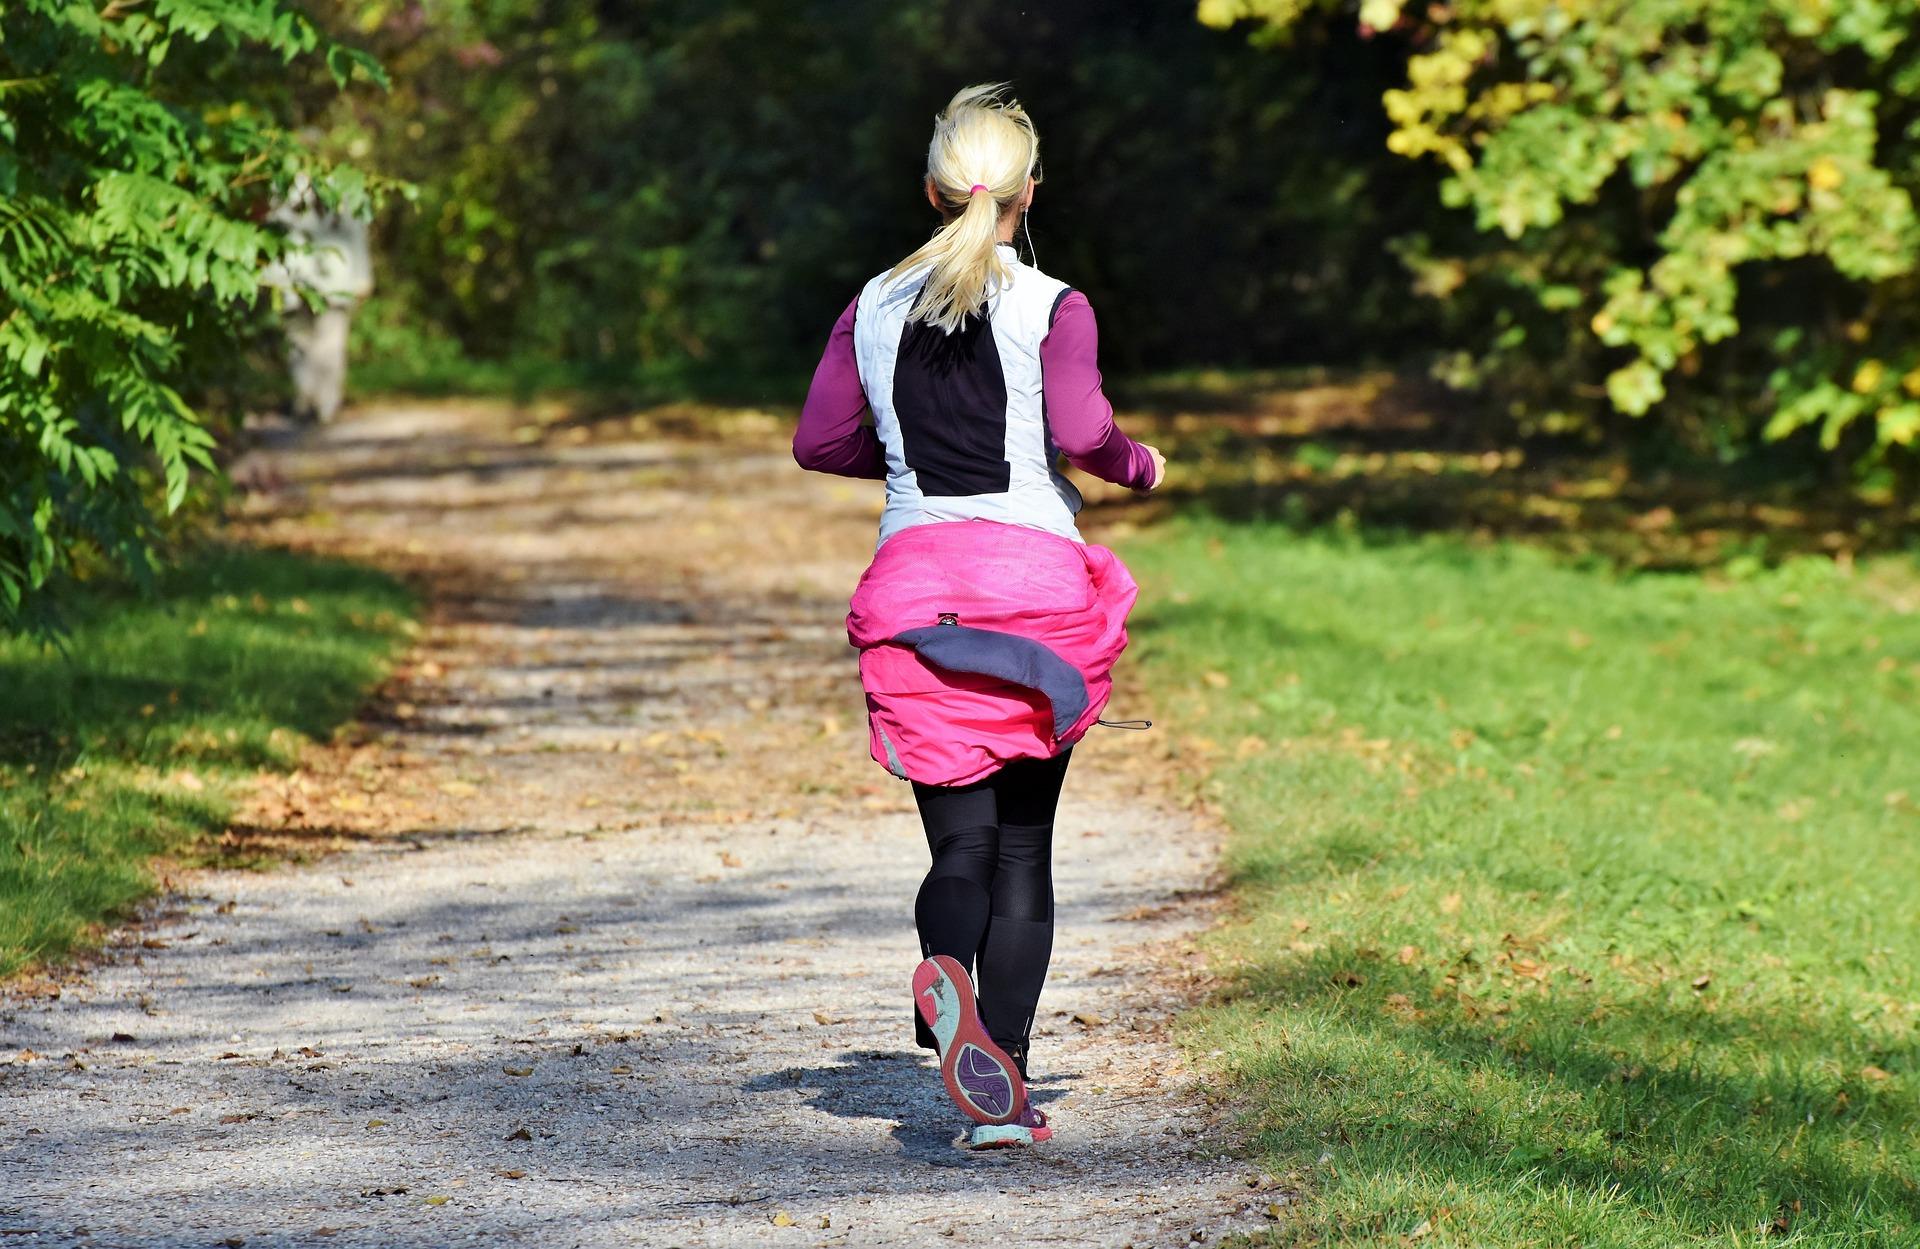 Photo of Kurvig und sportlich: Das perfekte Sportoutfit für curvy Girls